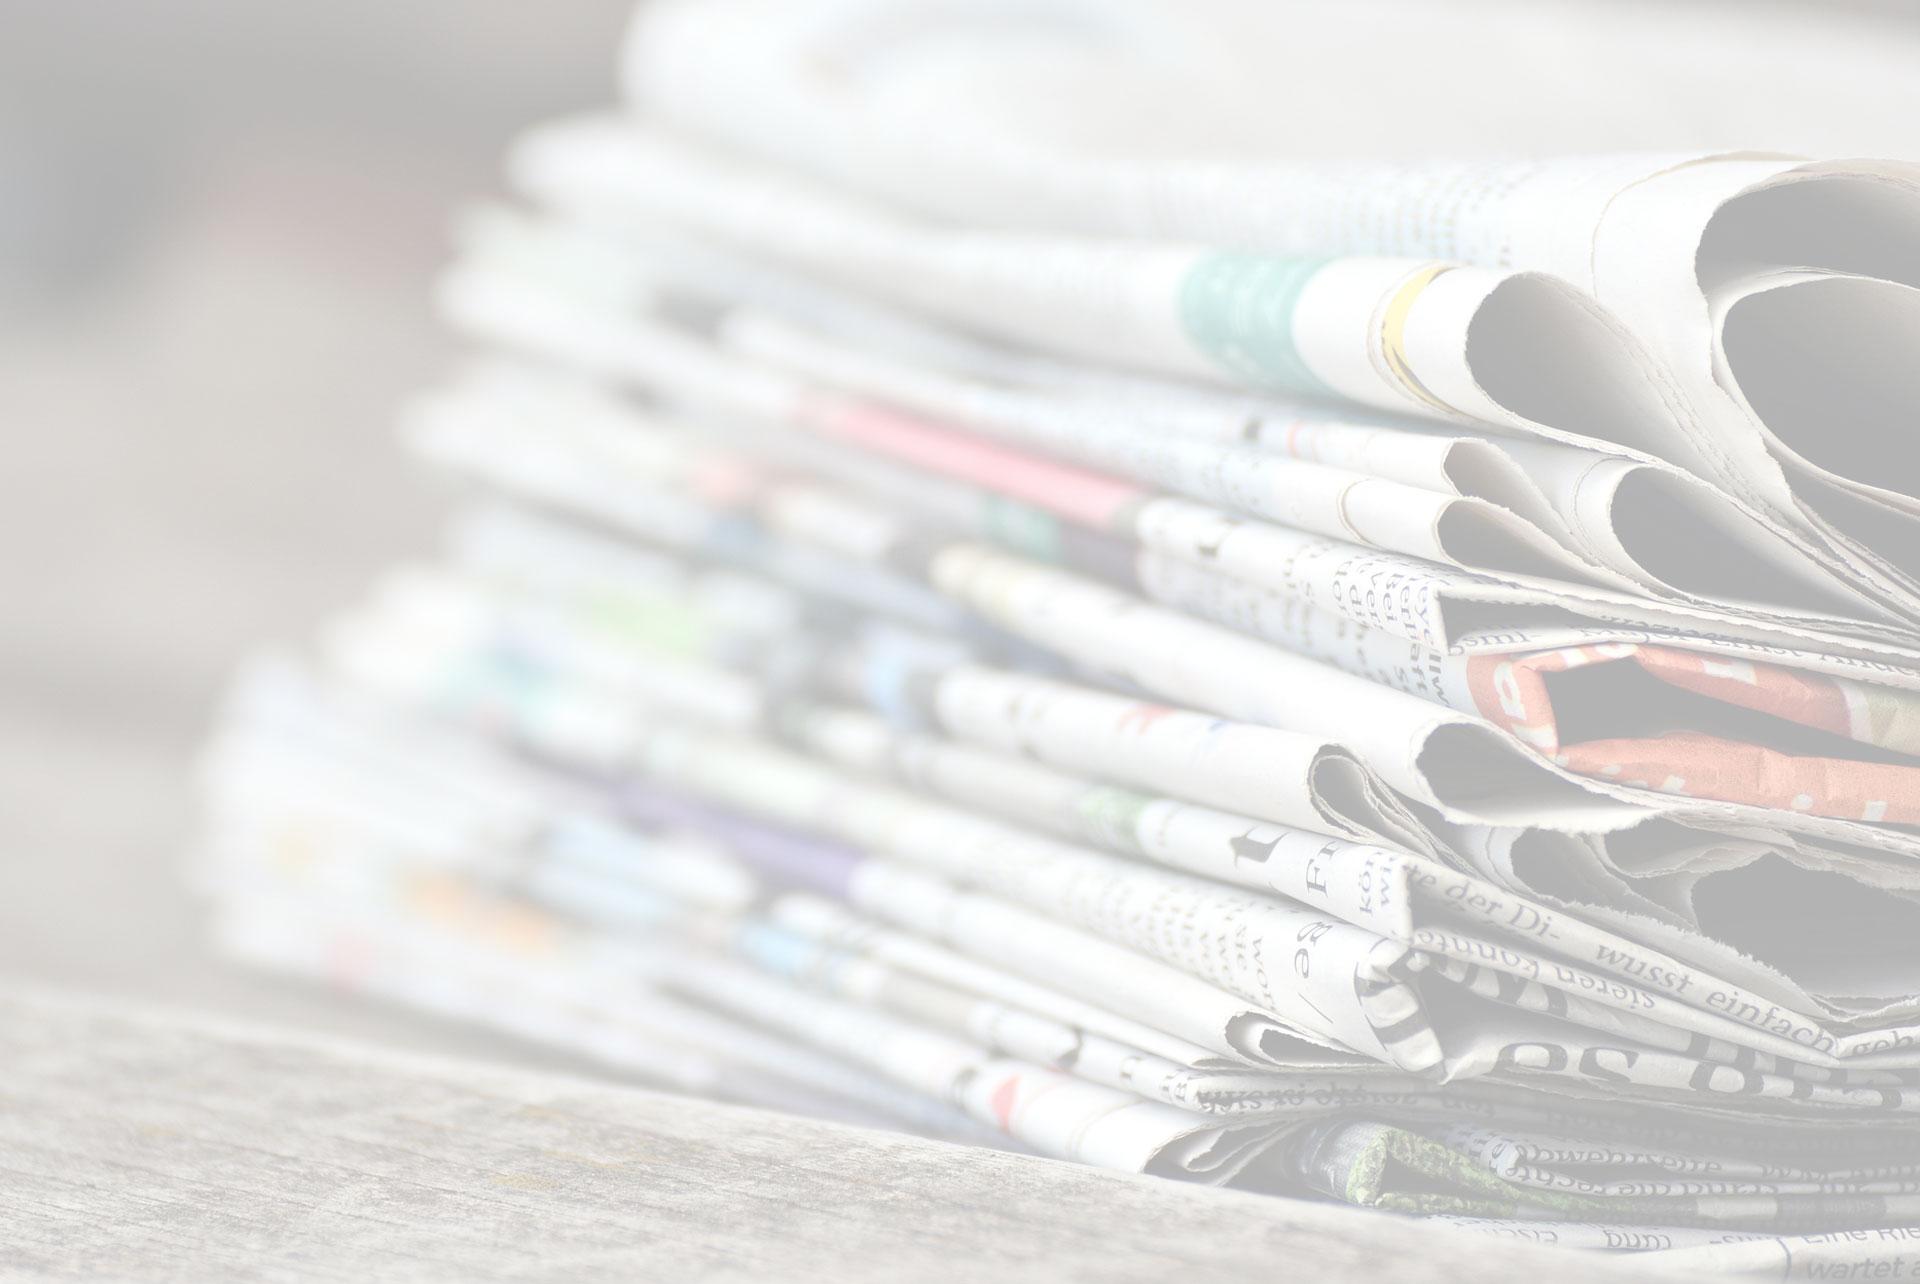 riscuotere pagamento tramite contrassegno